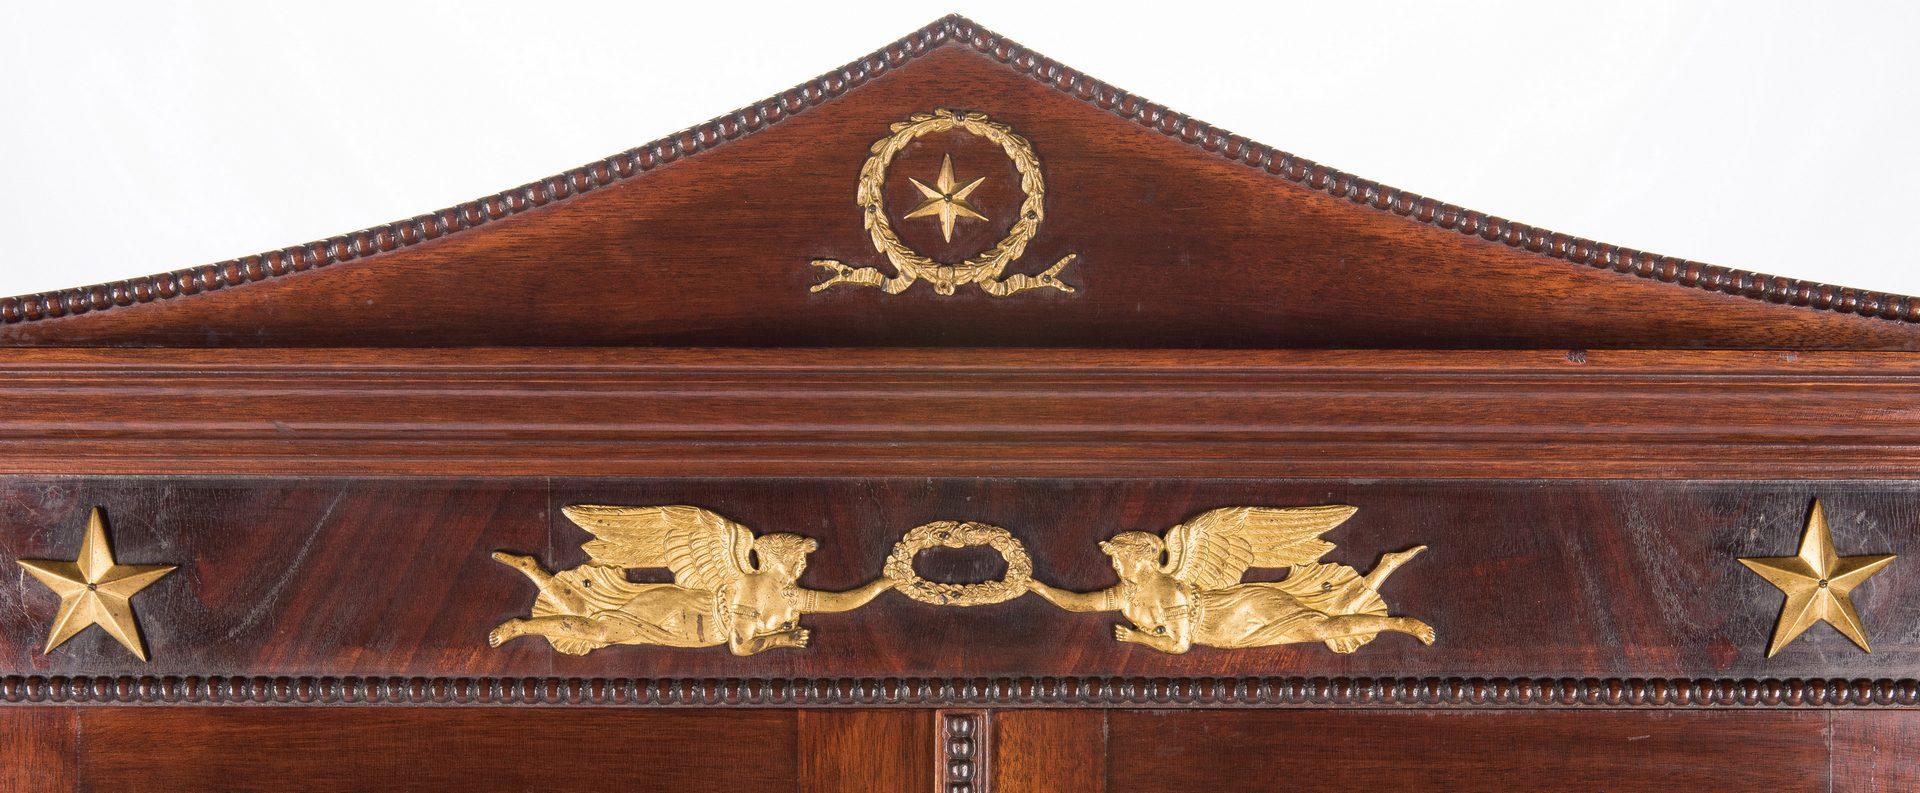 Lot 381: Napoleon III Gilt Bronze-Mounted Vitrine on Stand